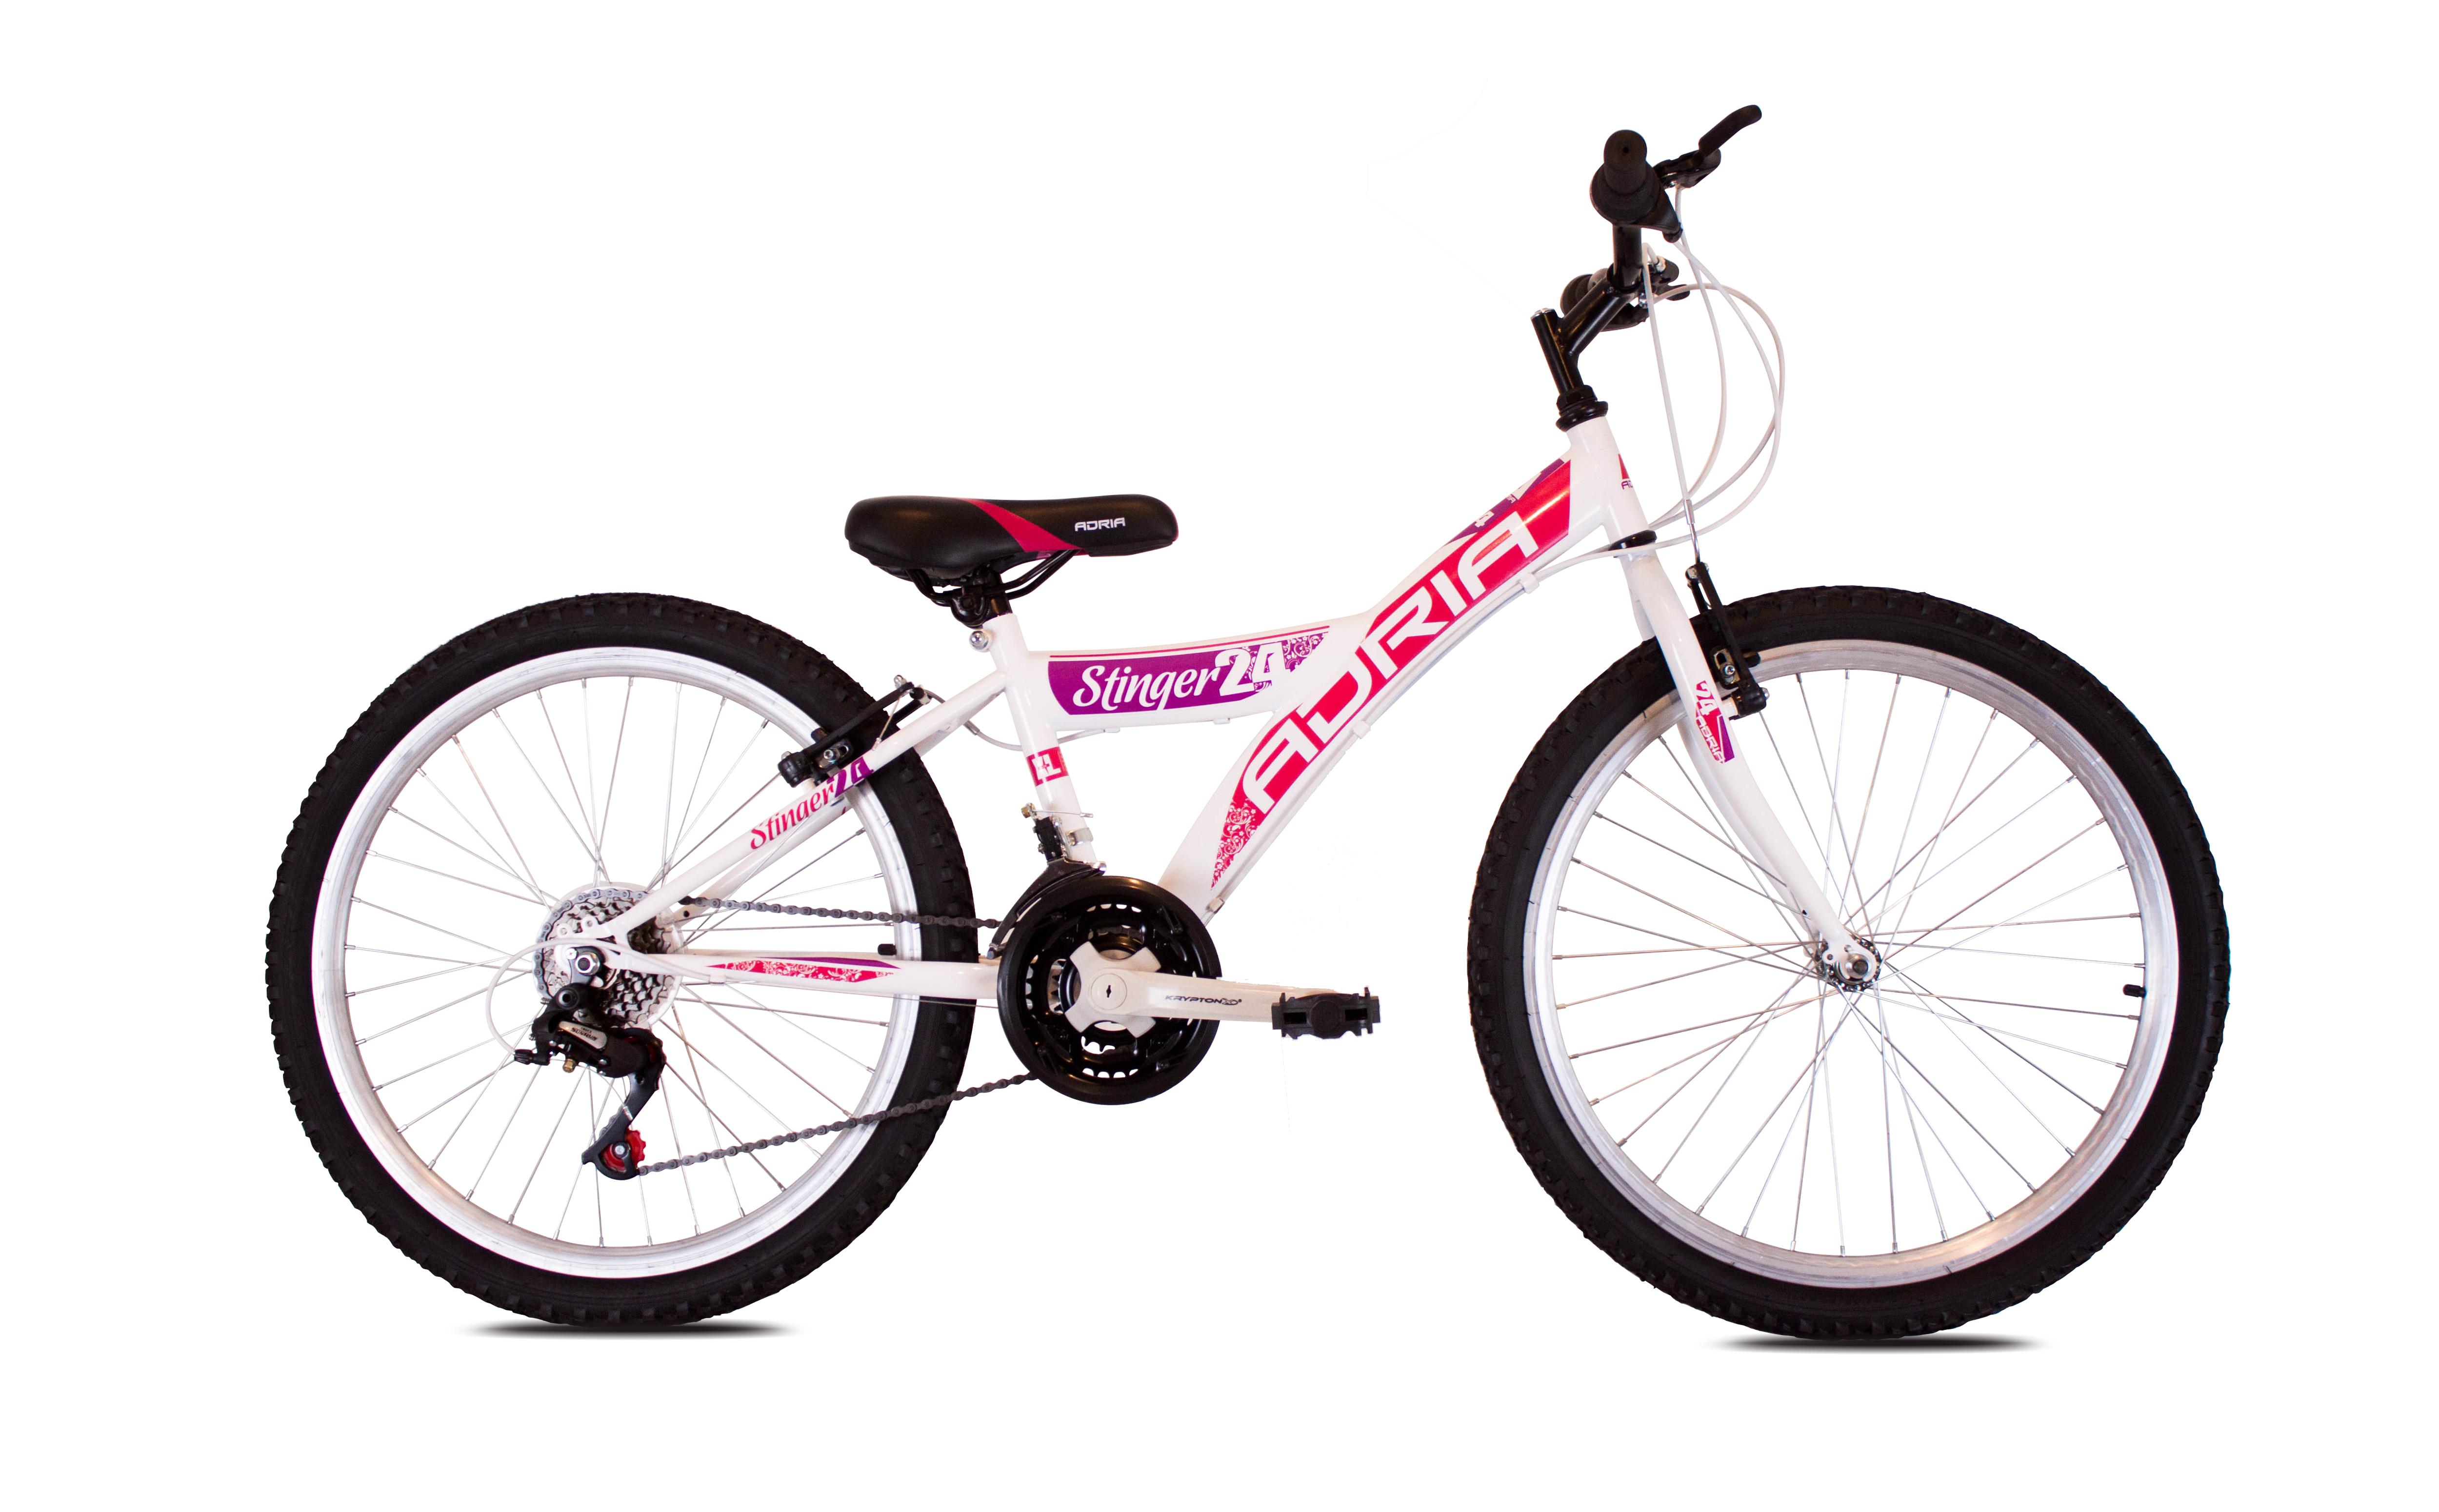 bicikl-adria-stringer-24-belo-pink